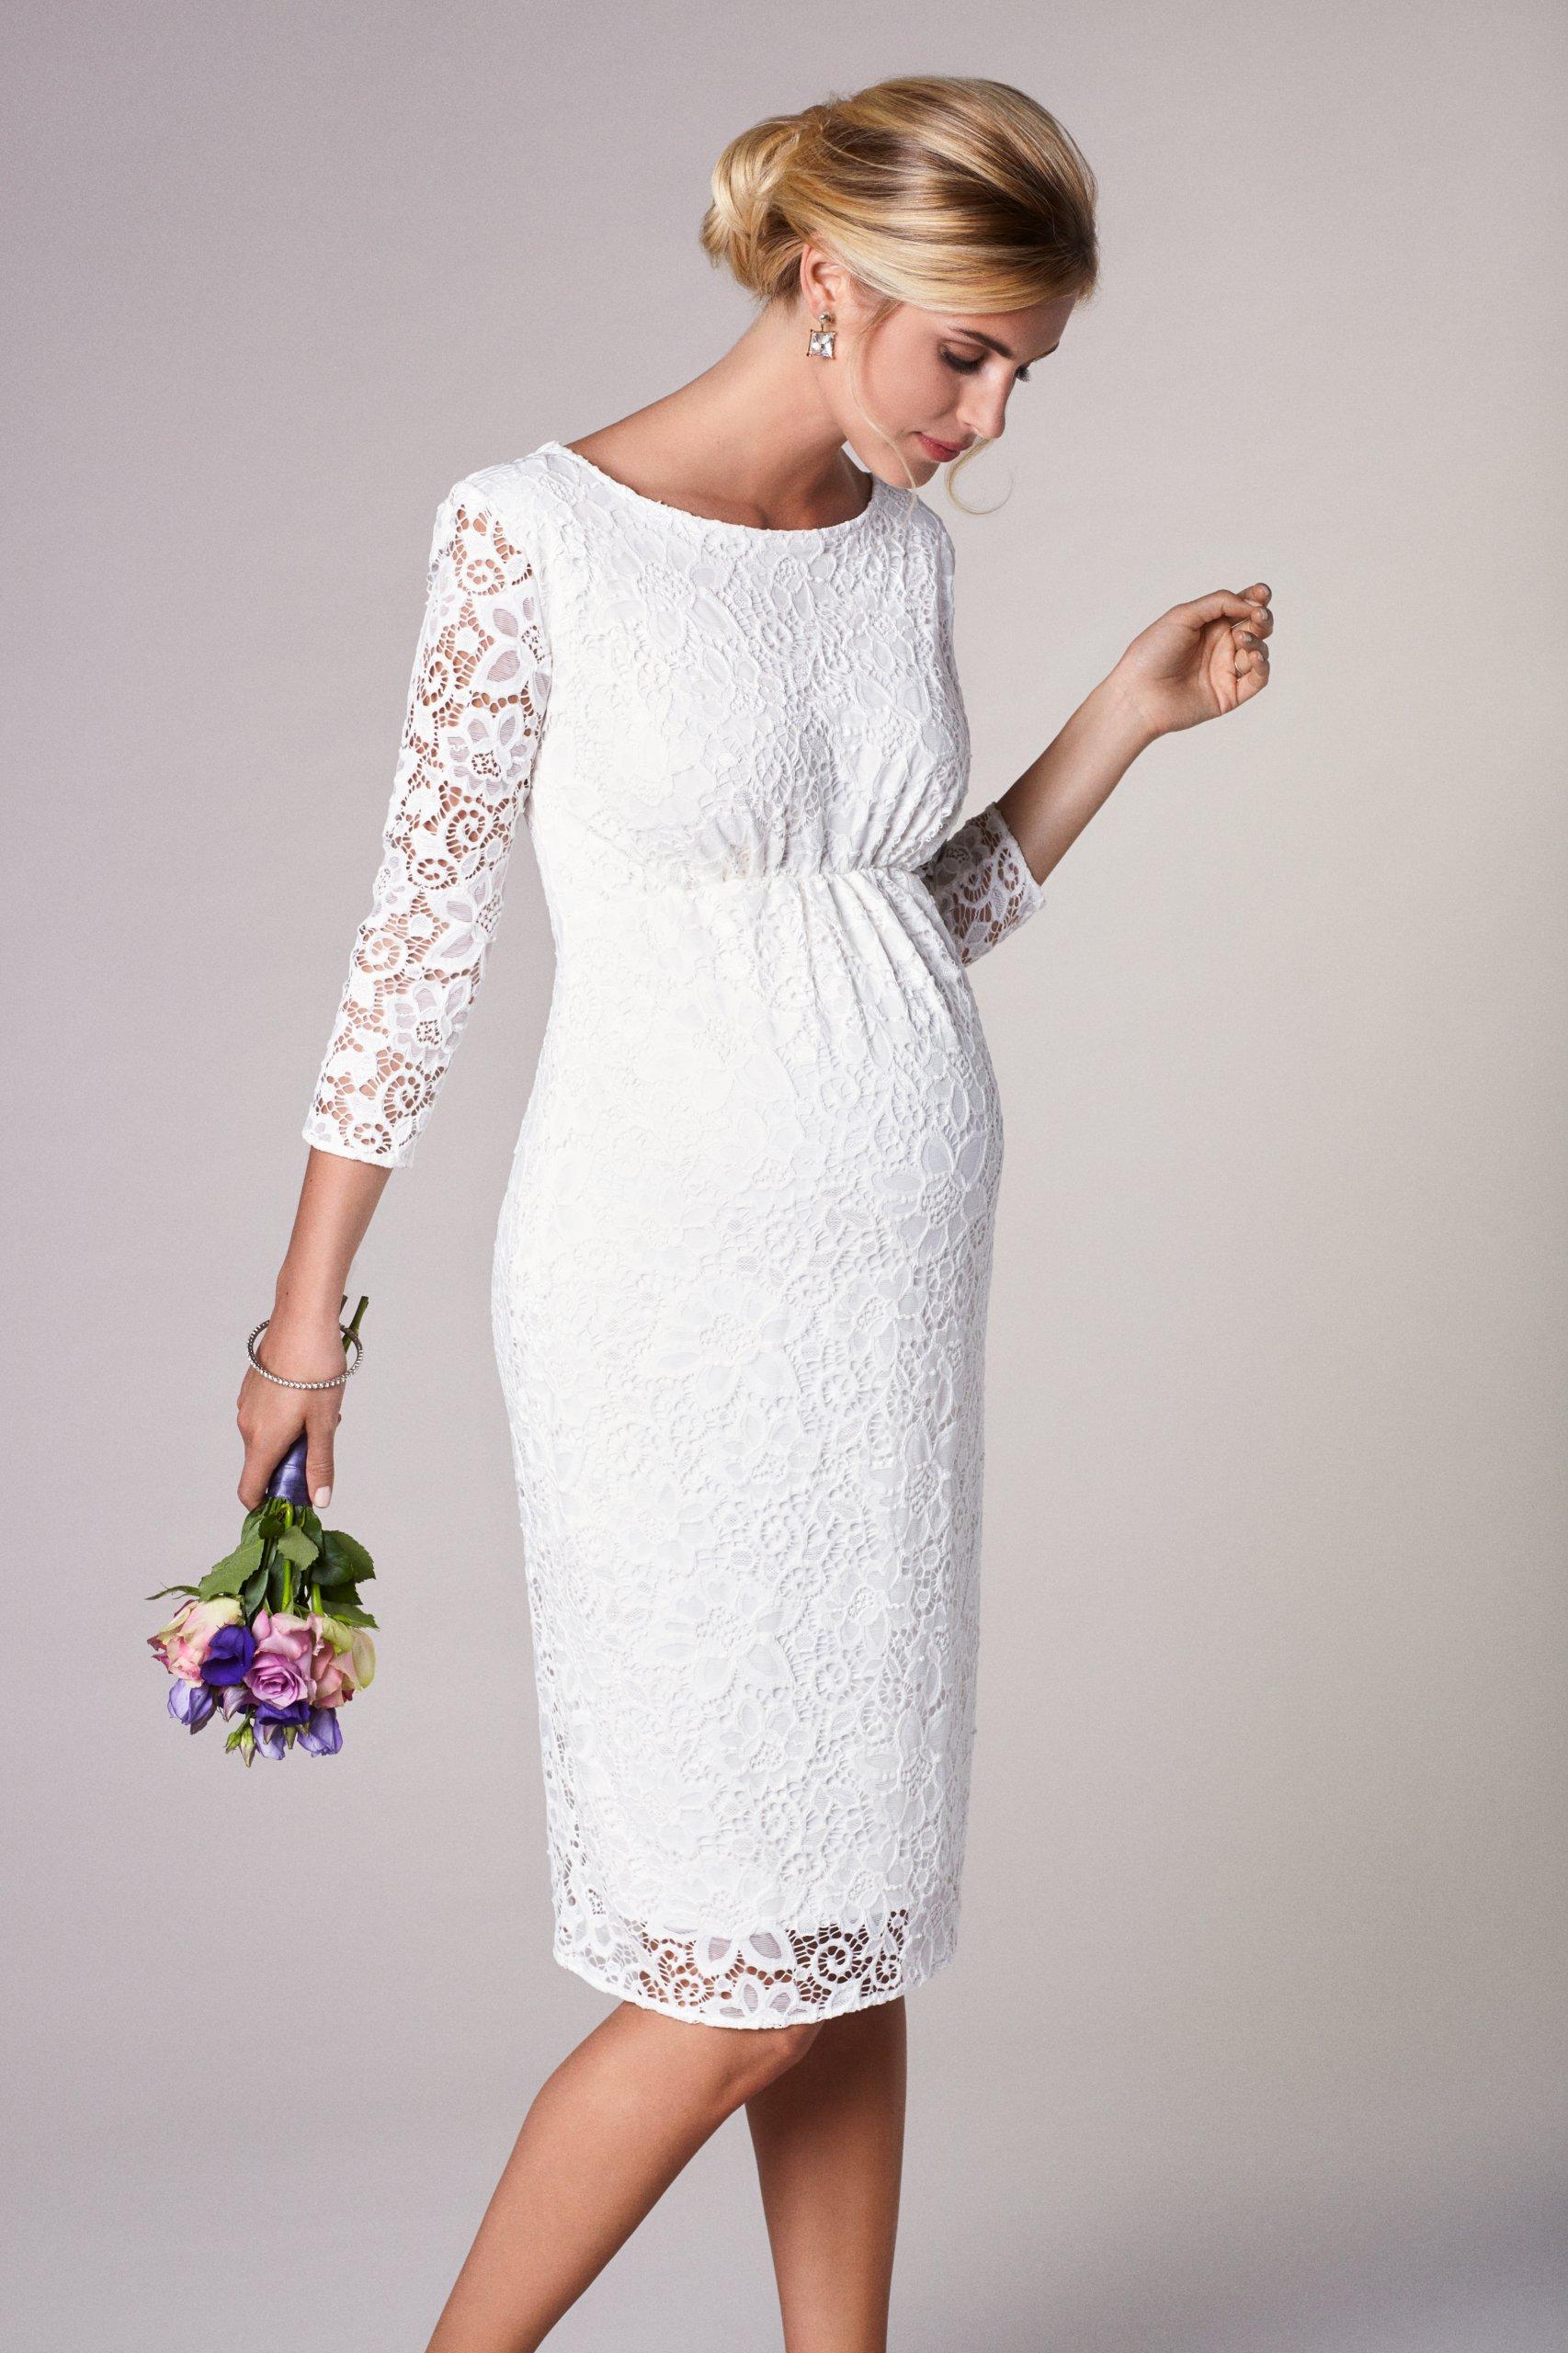 Suknia ślubna Ciążowa 5 4446 Tiffany Rose Abigail 7257039028